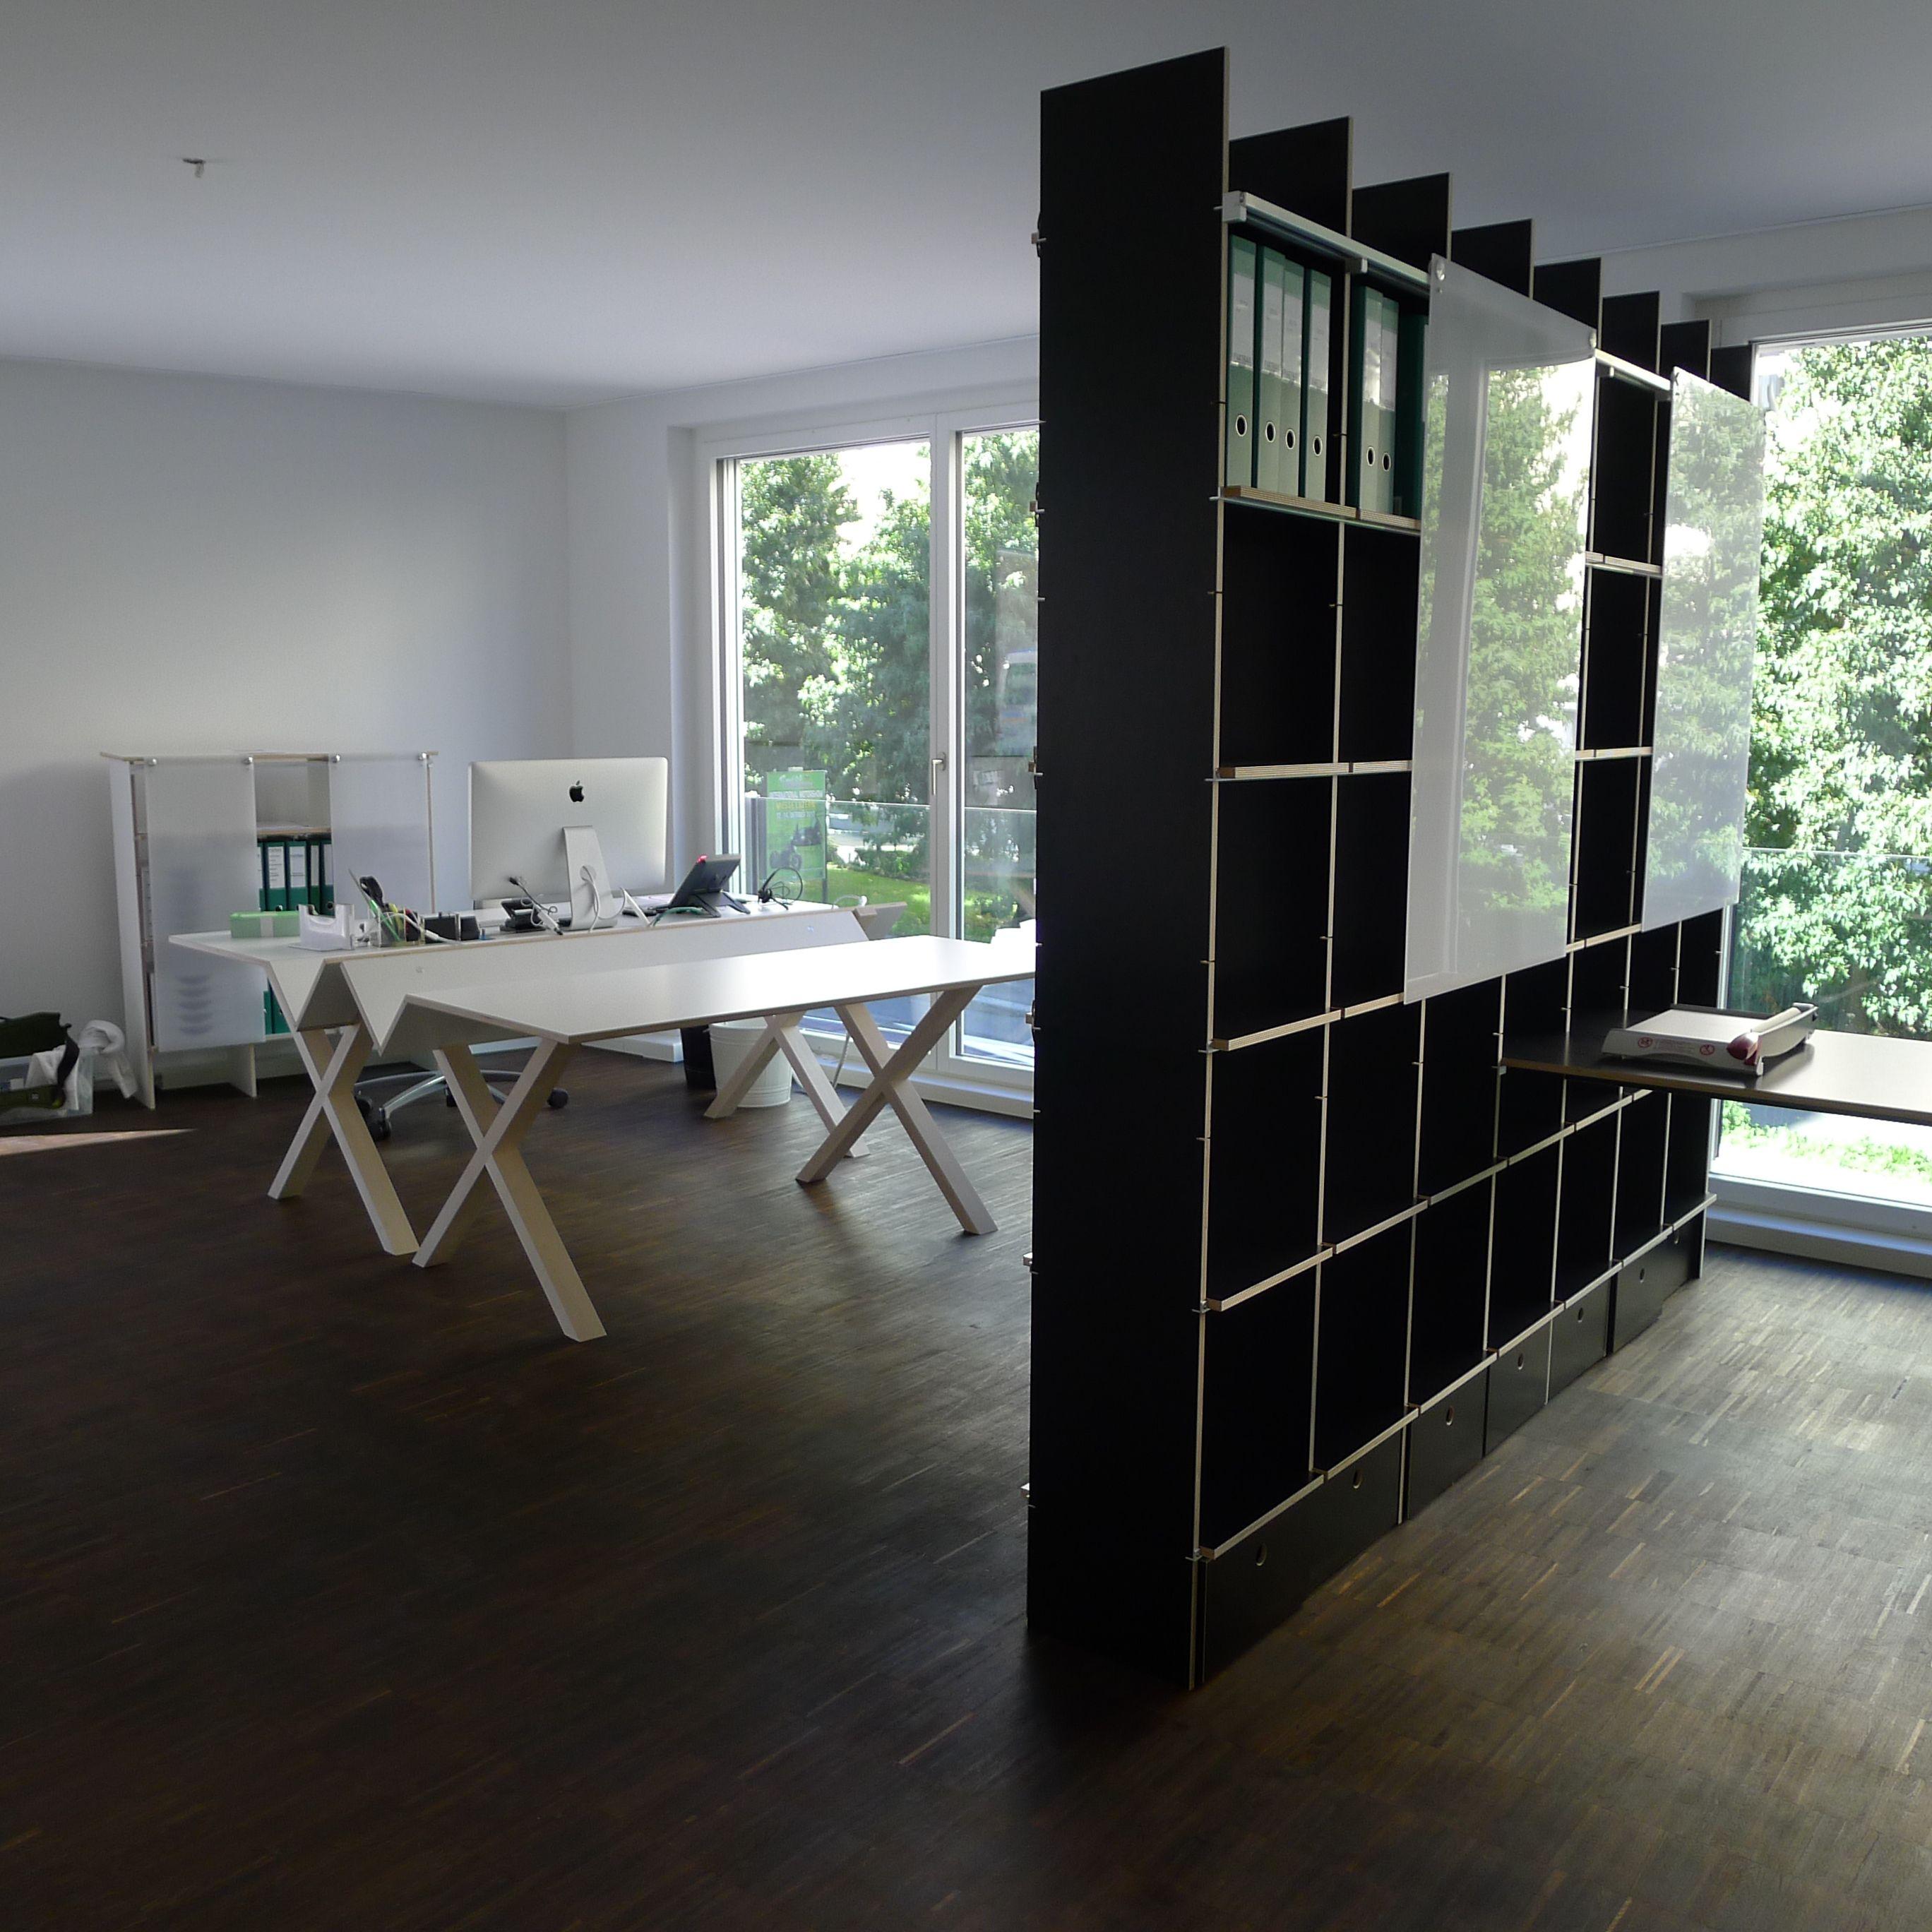 kant tisch und fnp regal von moormann moormann. Black Bedroom Furniture Sets. Home Design Ideas